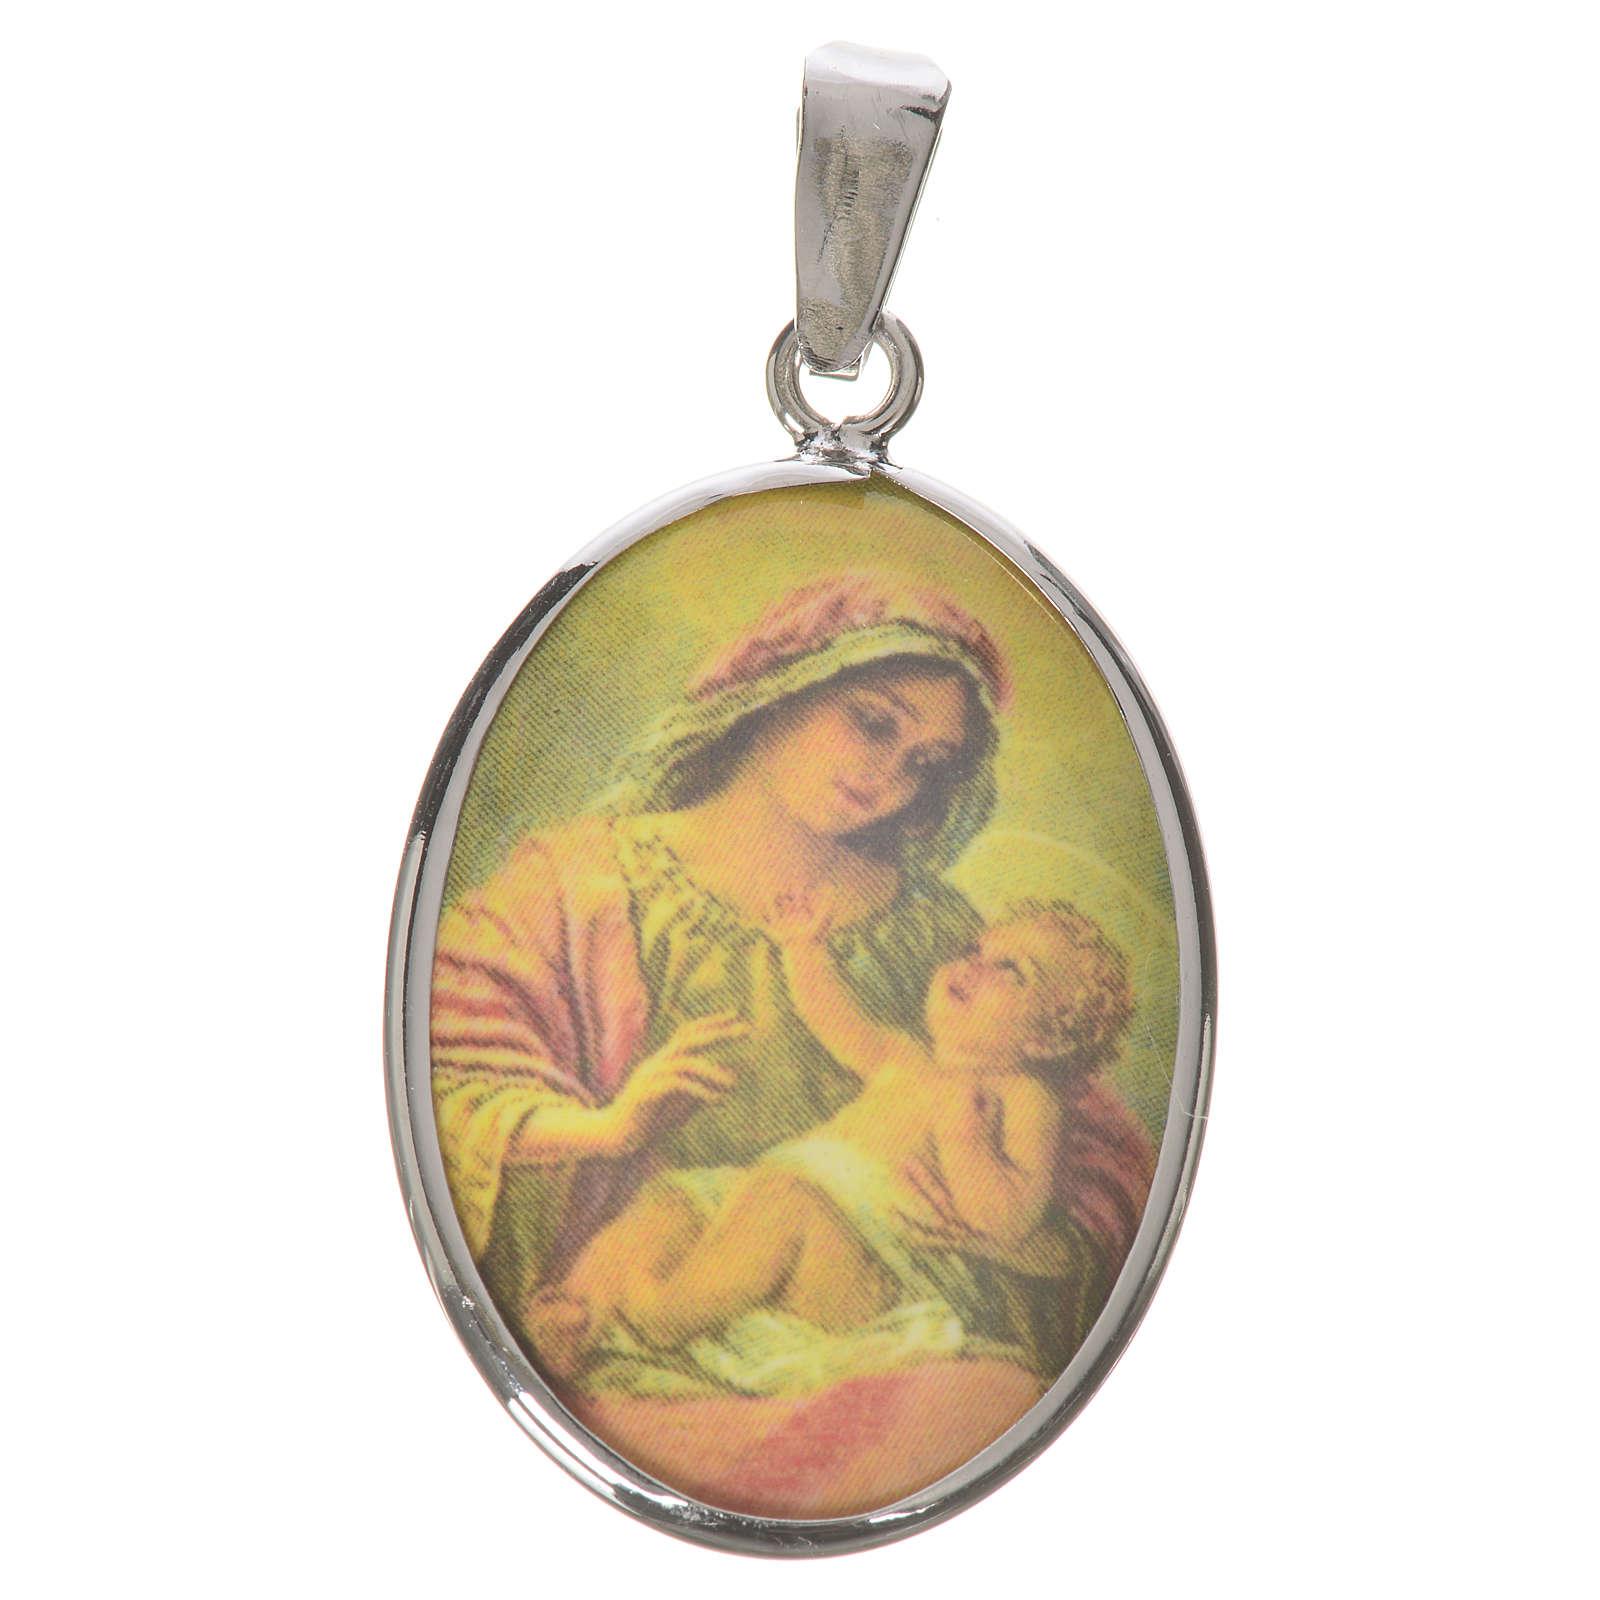 Medaglia ovale argento 27 mm Madonna con Bambino 4